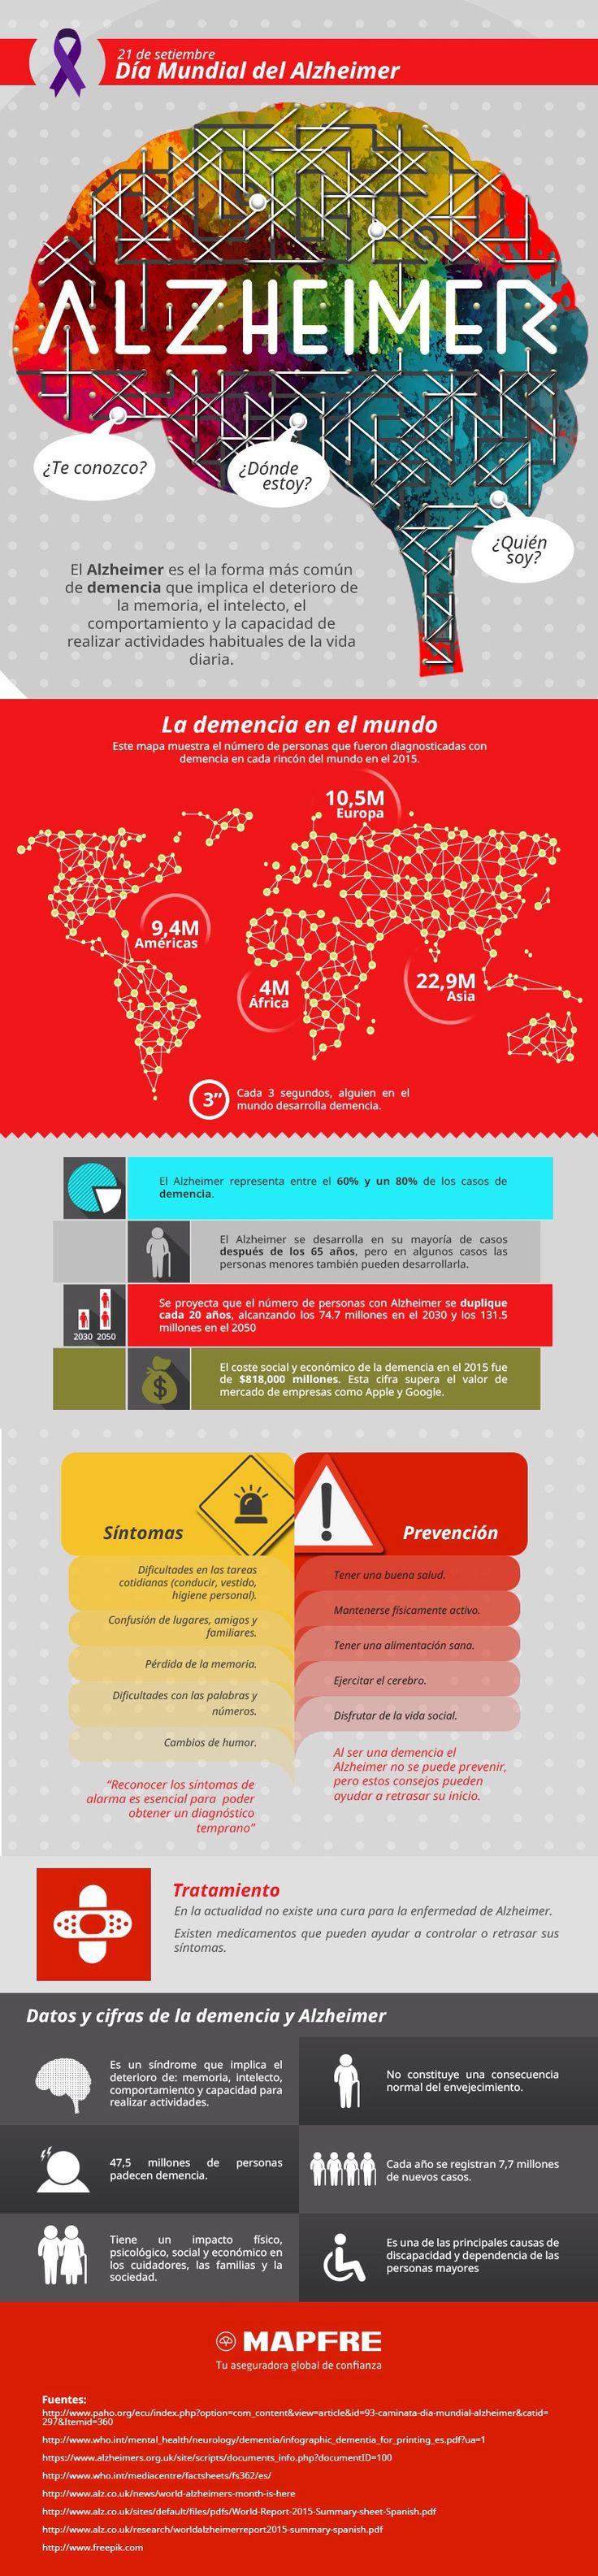 El alzheimer es la forma más común de demencia que afecta la memoria. Visita nuestro artículo y descubre 10 recomendaciones para prevenir esta enfermedad http://tugimnasiacerebral.com/trastornos-mentales/recomendaciones-para-la-enfermedad-del-alzheimer-y-tratamiento #Alzheimer #Infografia #Prevencion #Gimnasia #Cerebral #Demencia #Senil #Memoria